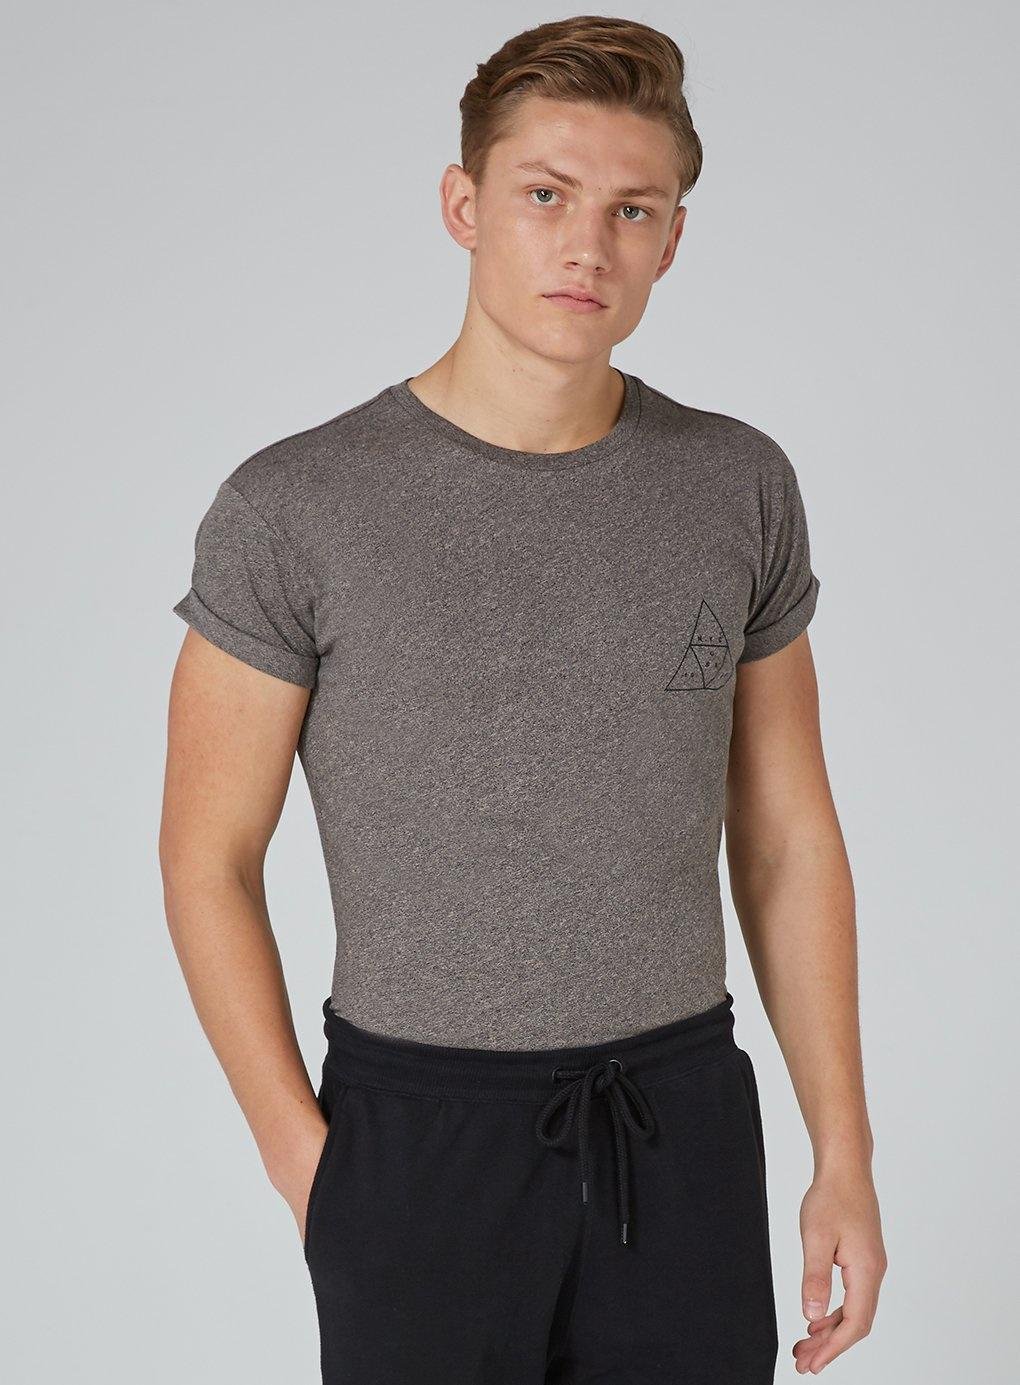 d898136c Topman Printed Skinny Fit T-shirt in Brown for Men - Lyst